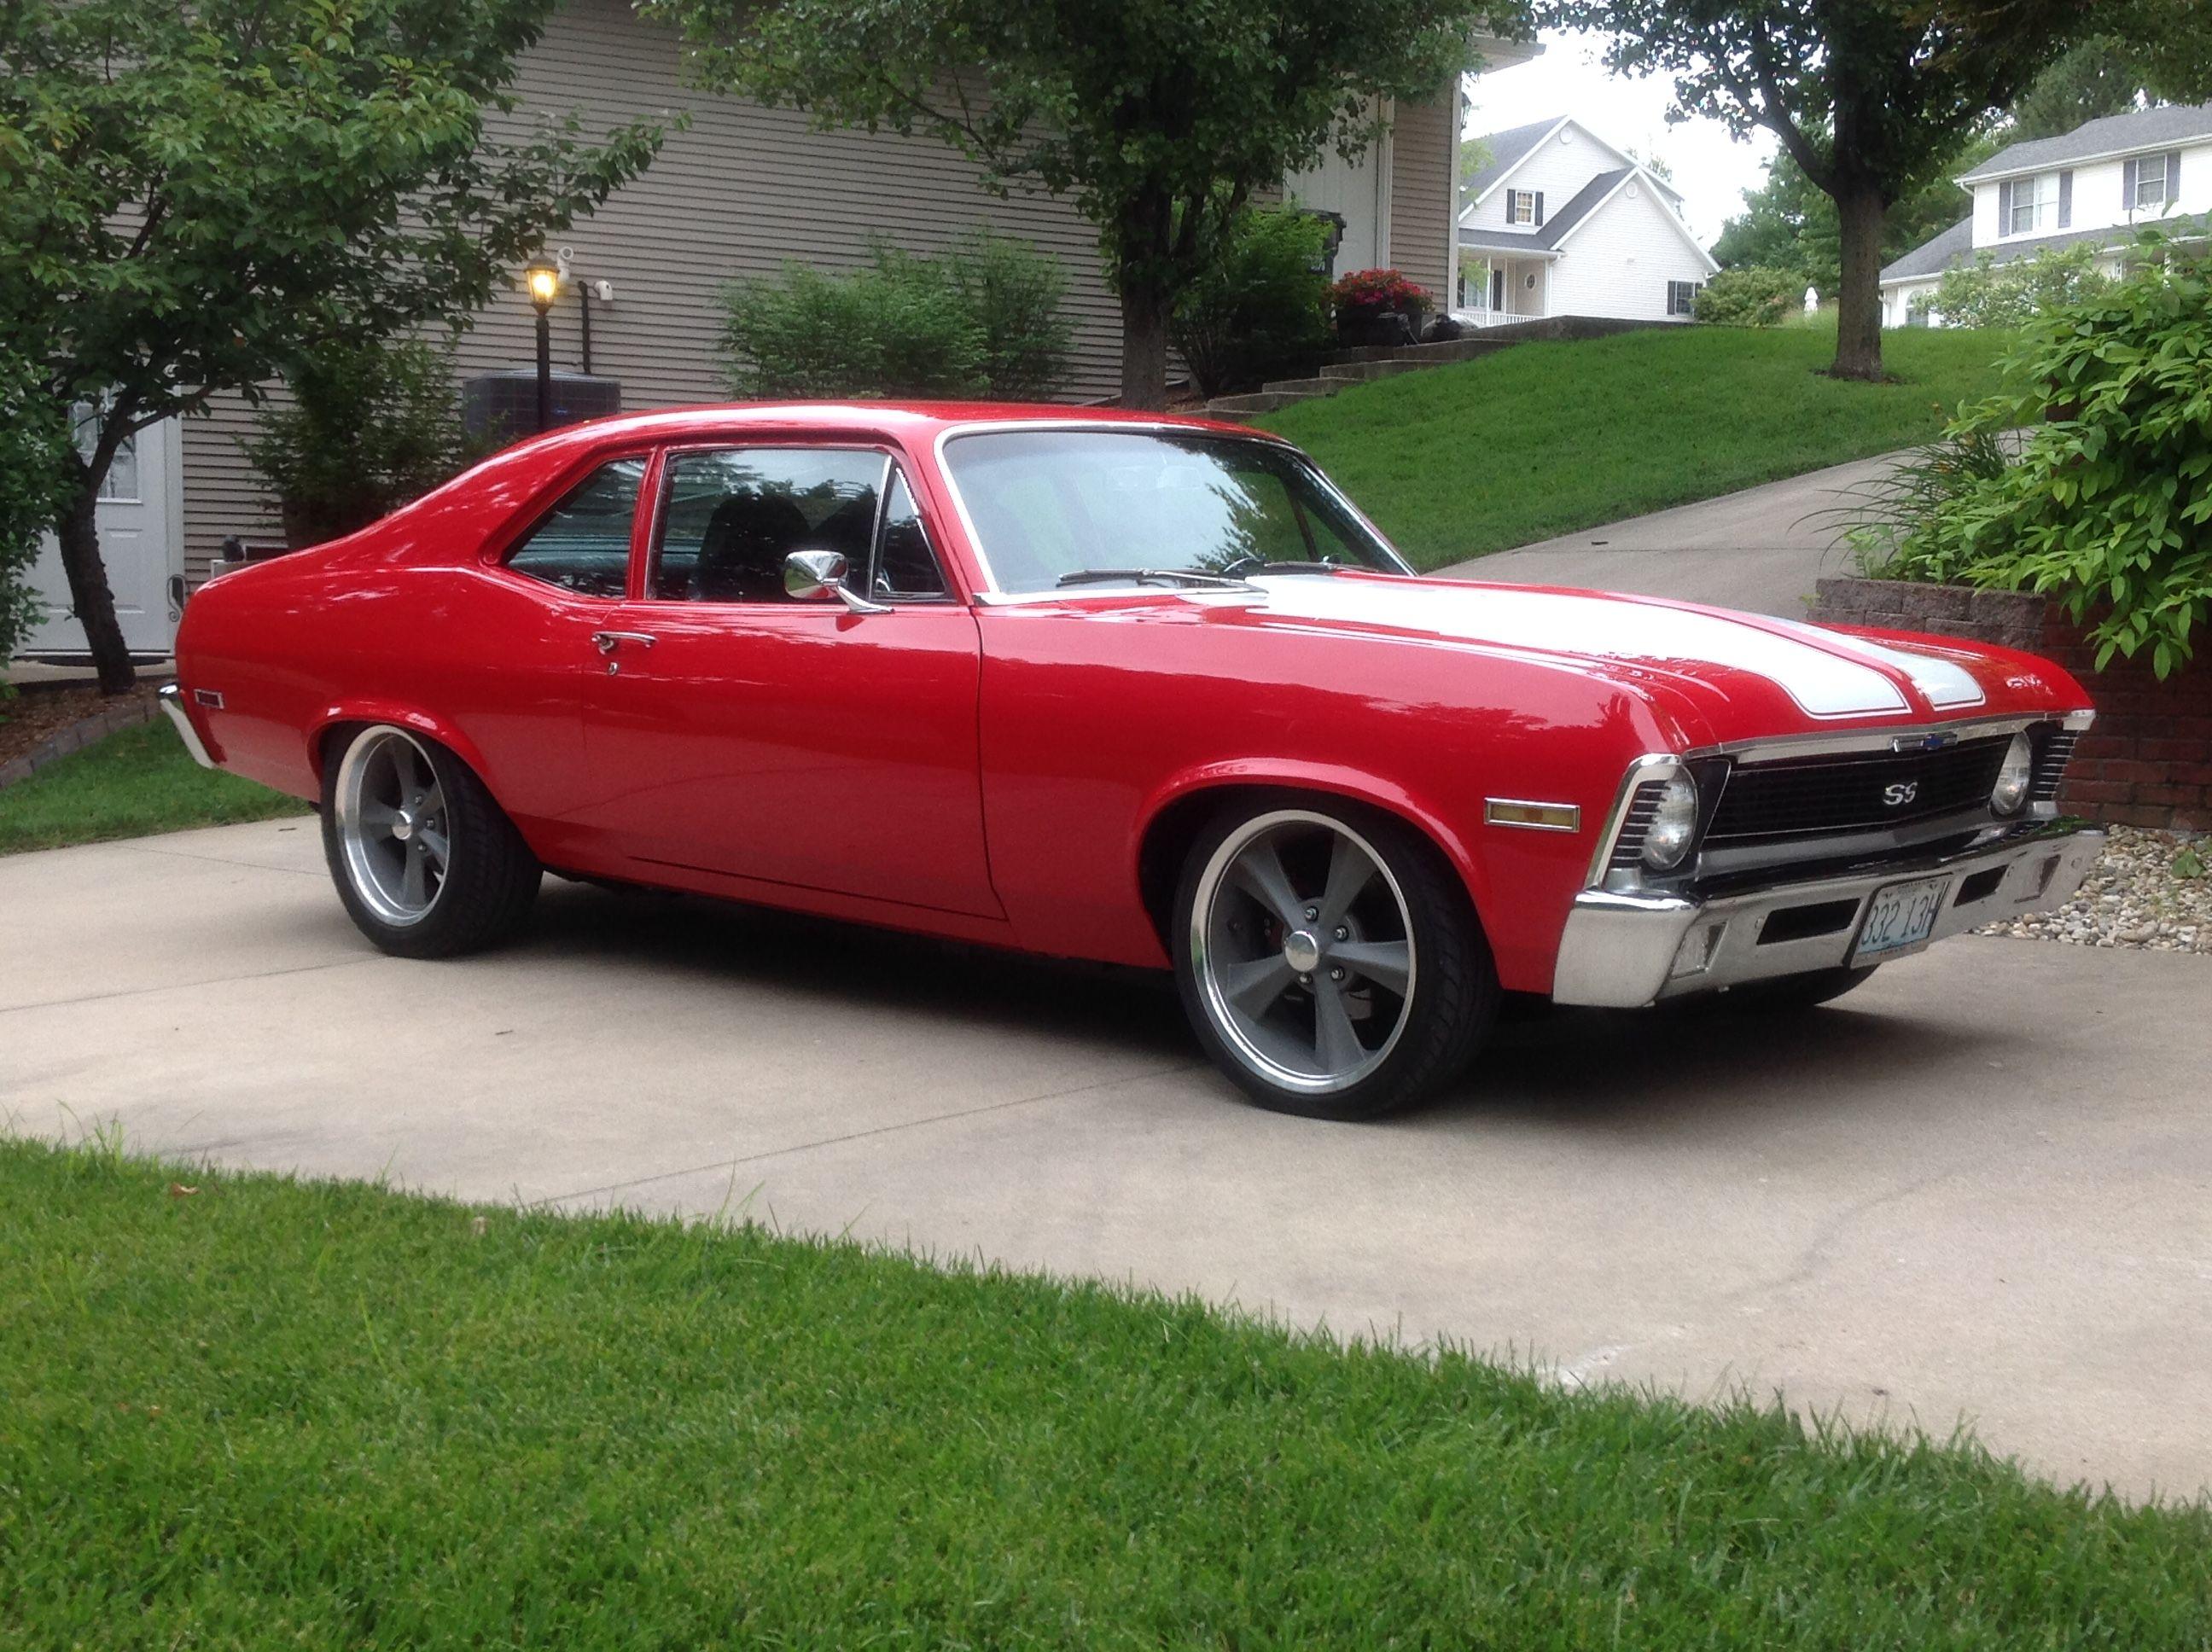 70 nova ss | Nova | Chevy muscle cars, Chevy nova, Chevy